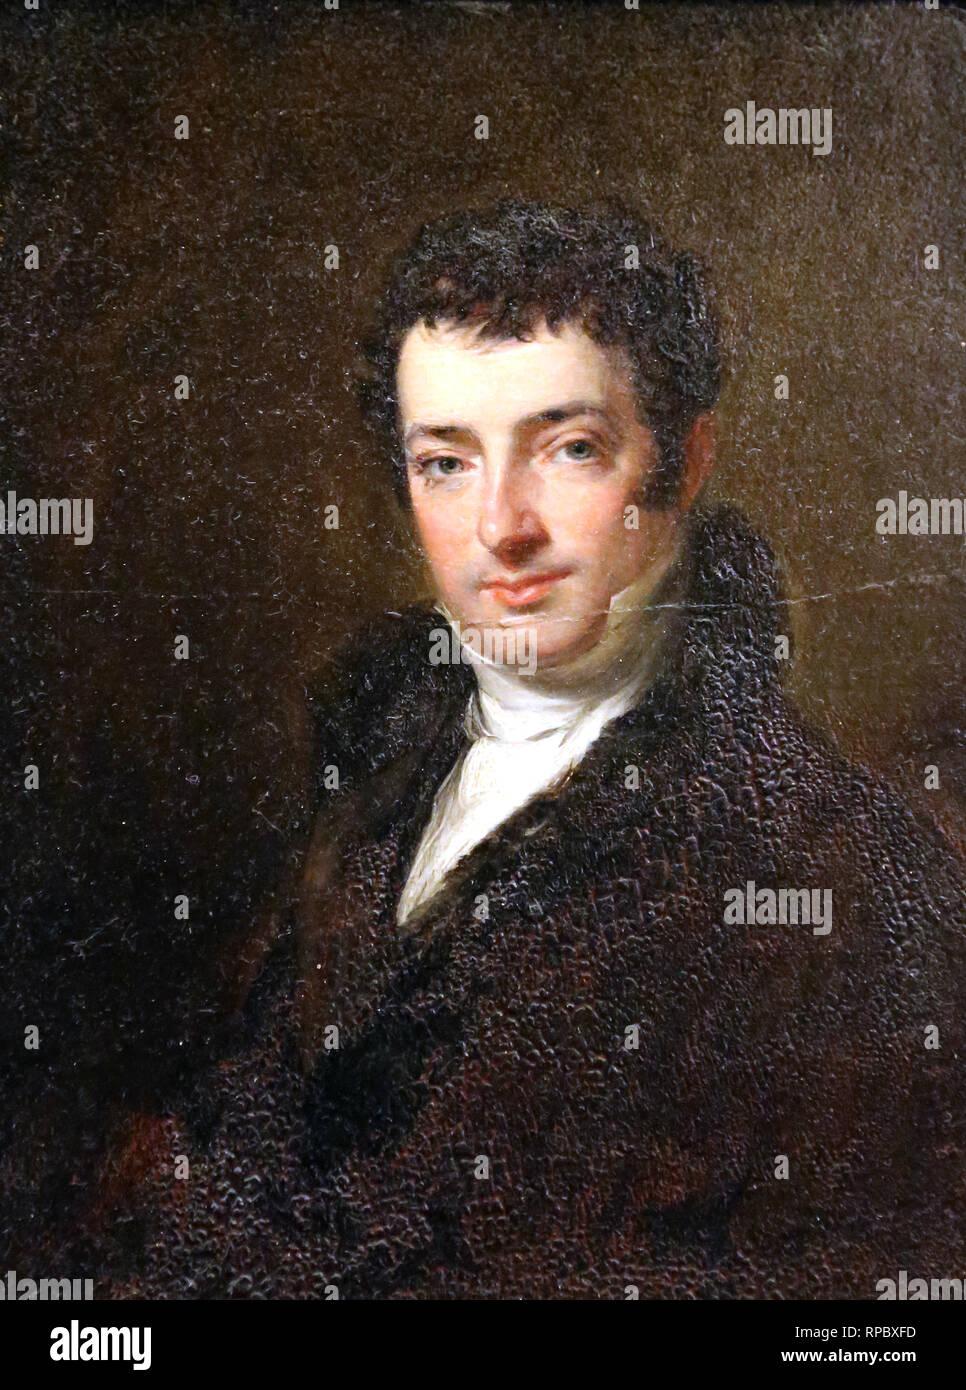 Washington Irving (1783-1859). Der amerikanische Schriftsteller. Porträt von Charles Robert Leslie (1794-1854). Öl auf Leinwand, 1820. Stockbild